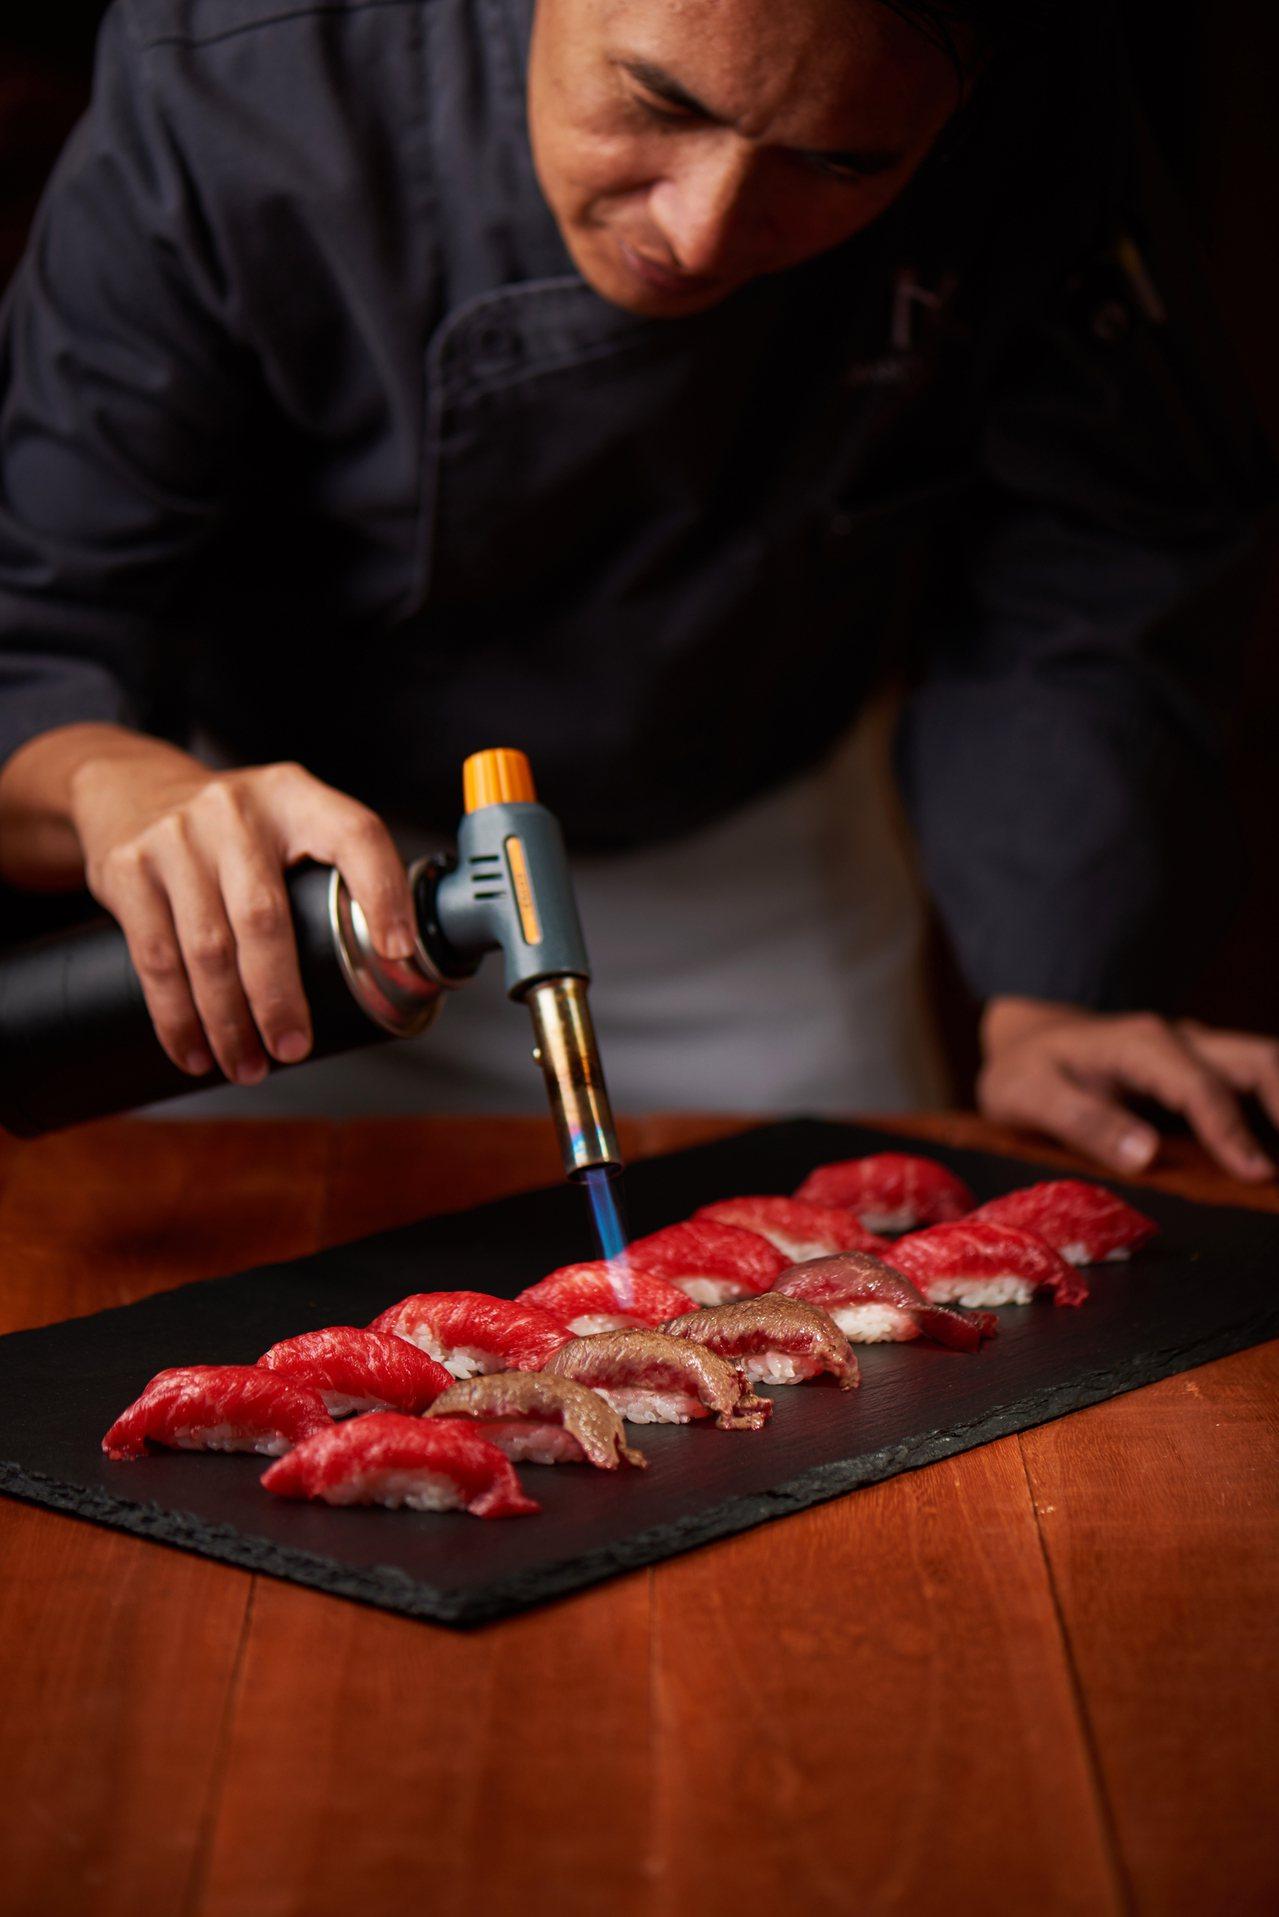 彩匯自助餐廳推出和牛吃到飽活動。圖/美福大飯店提供